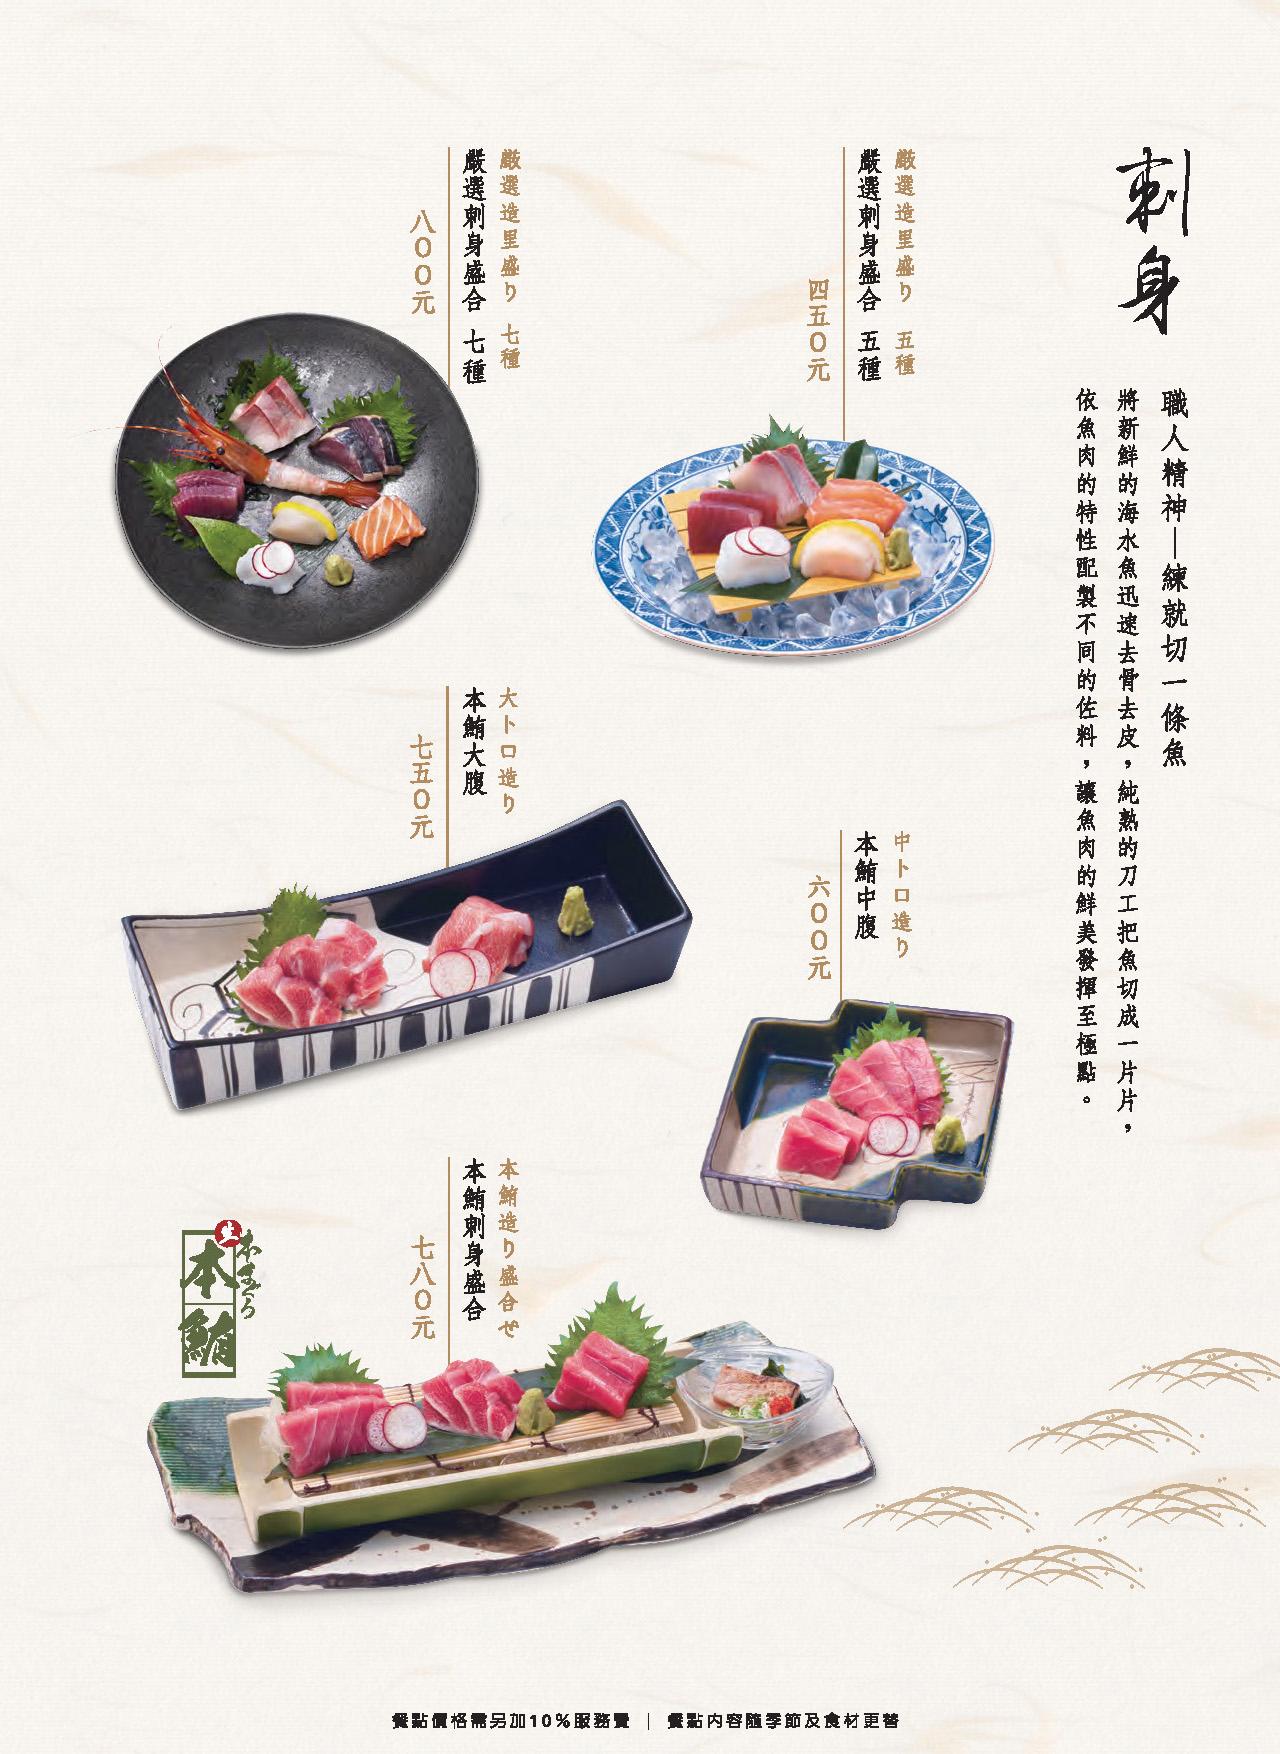 莞固和食 GANKO 台北大直店菜單 - 刺身